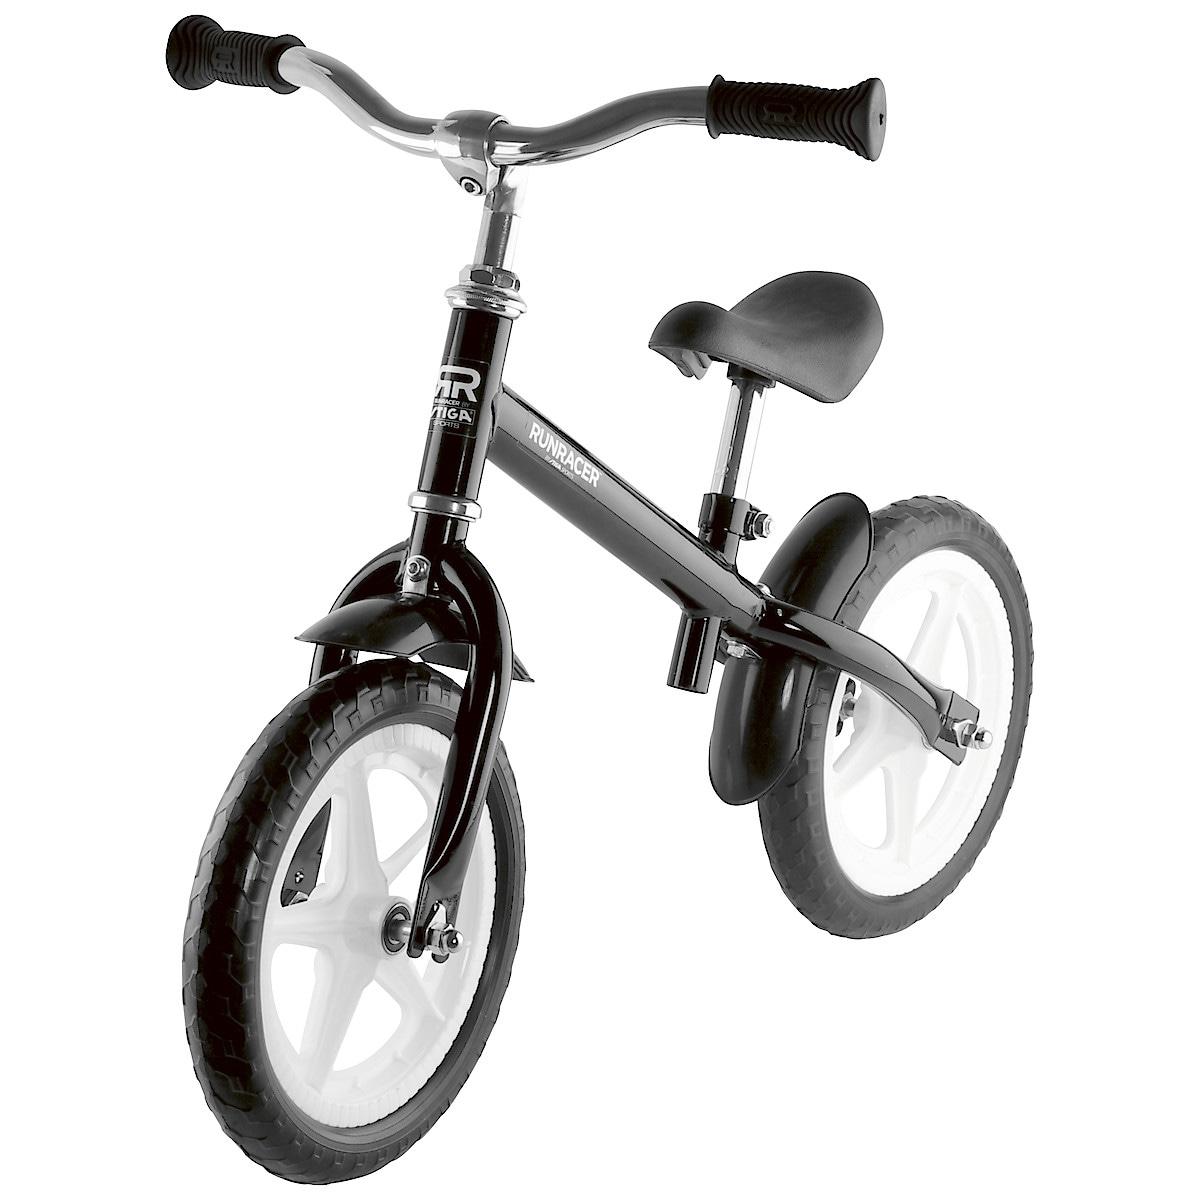 Balanscykel Stiga Runracer Black